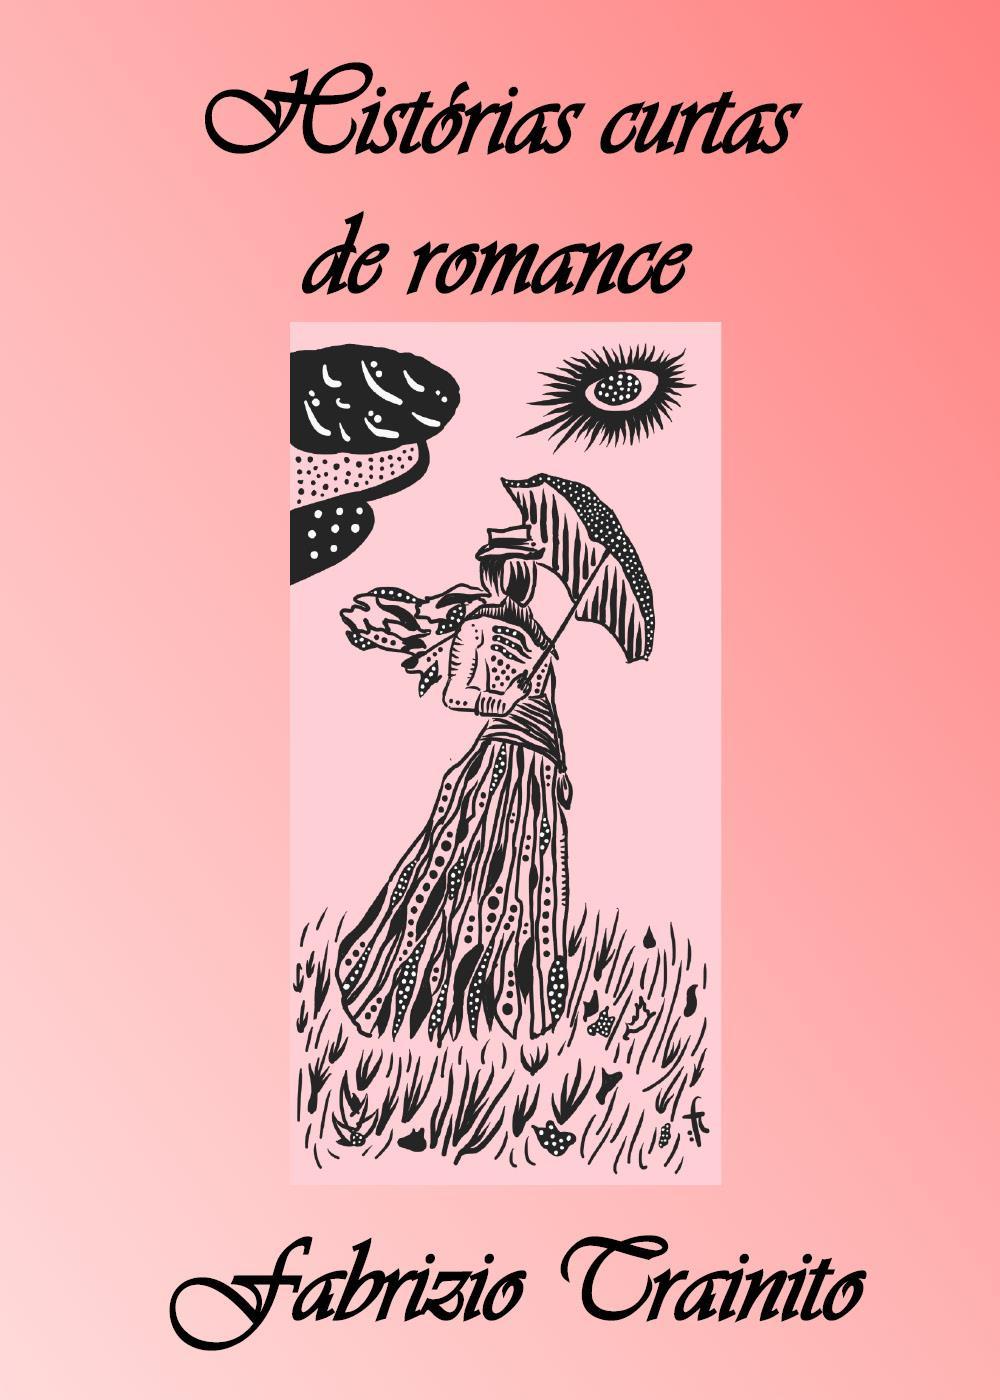 Histórias curtas de romance